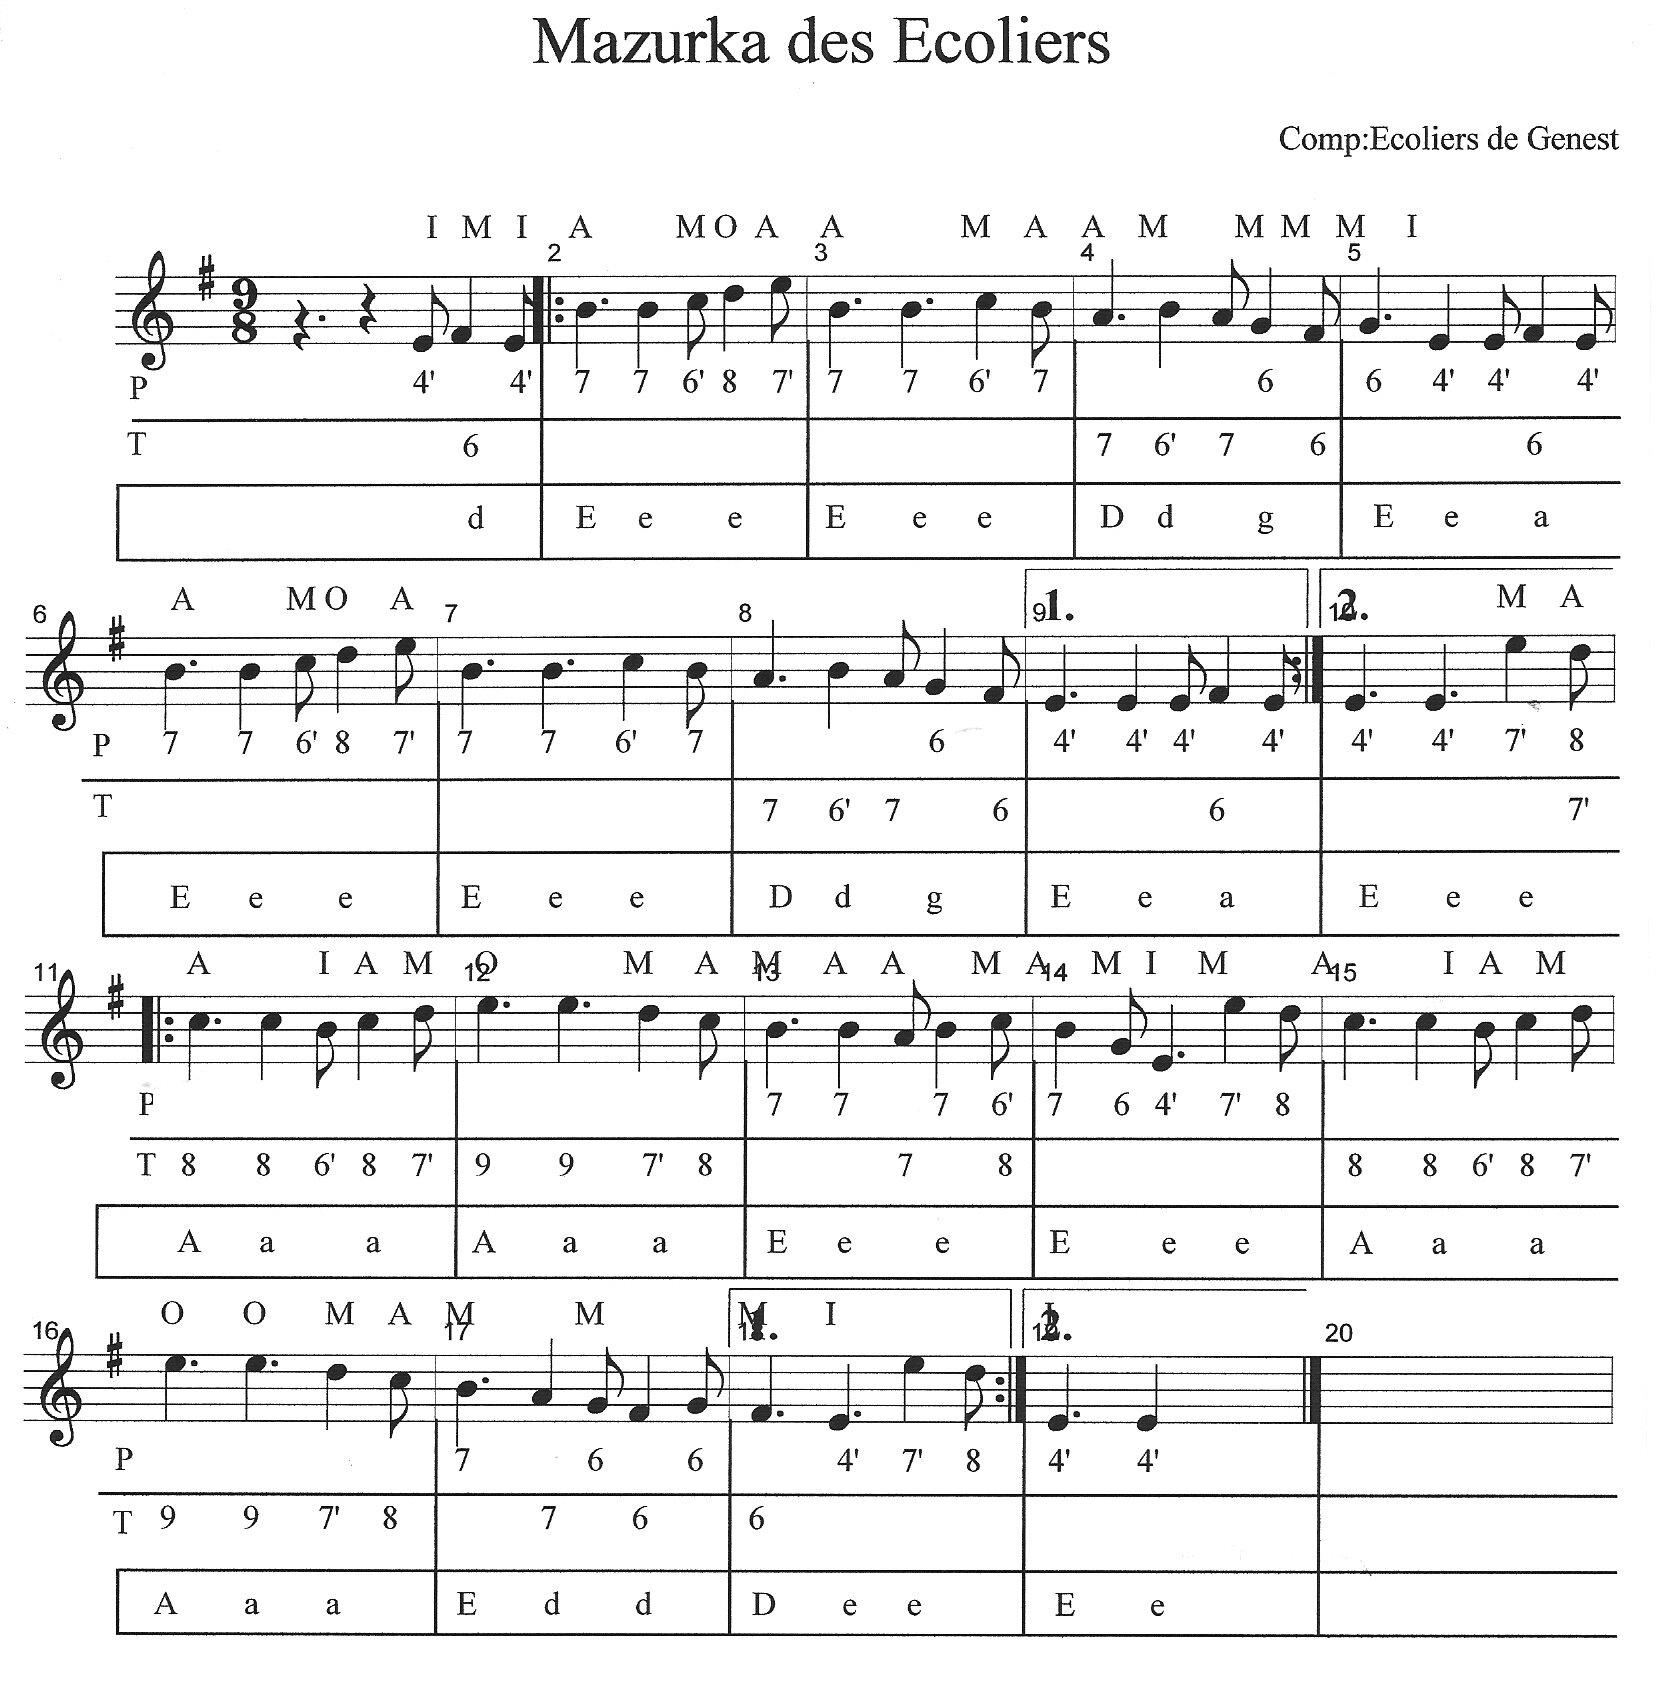 partition accordeon mazurka